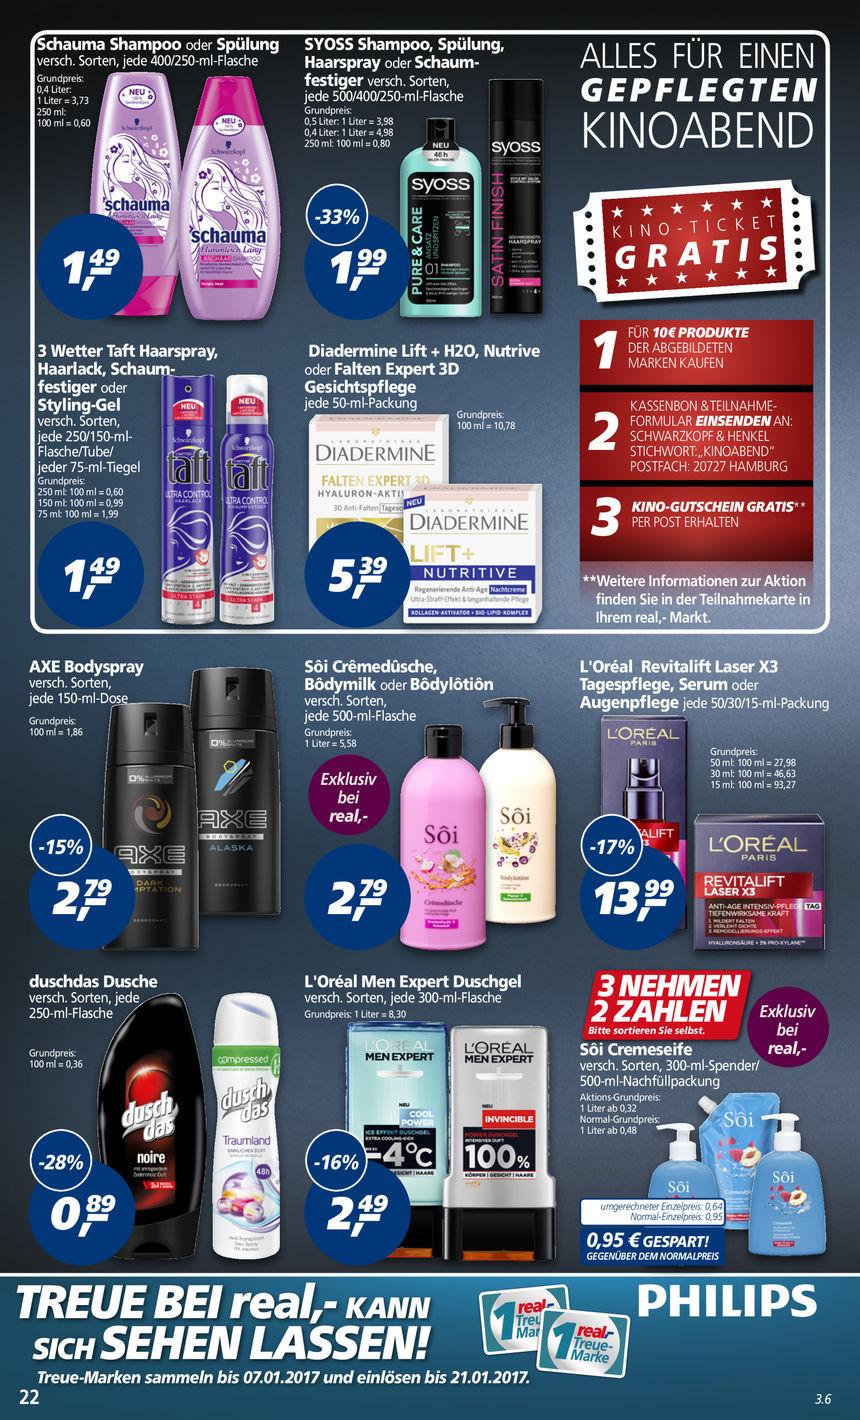 Für 10 € im Real Shampoo, Haarfestiger... kaufen und eine Kinokarte geschenkt erhalten, offline